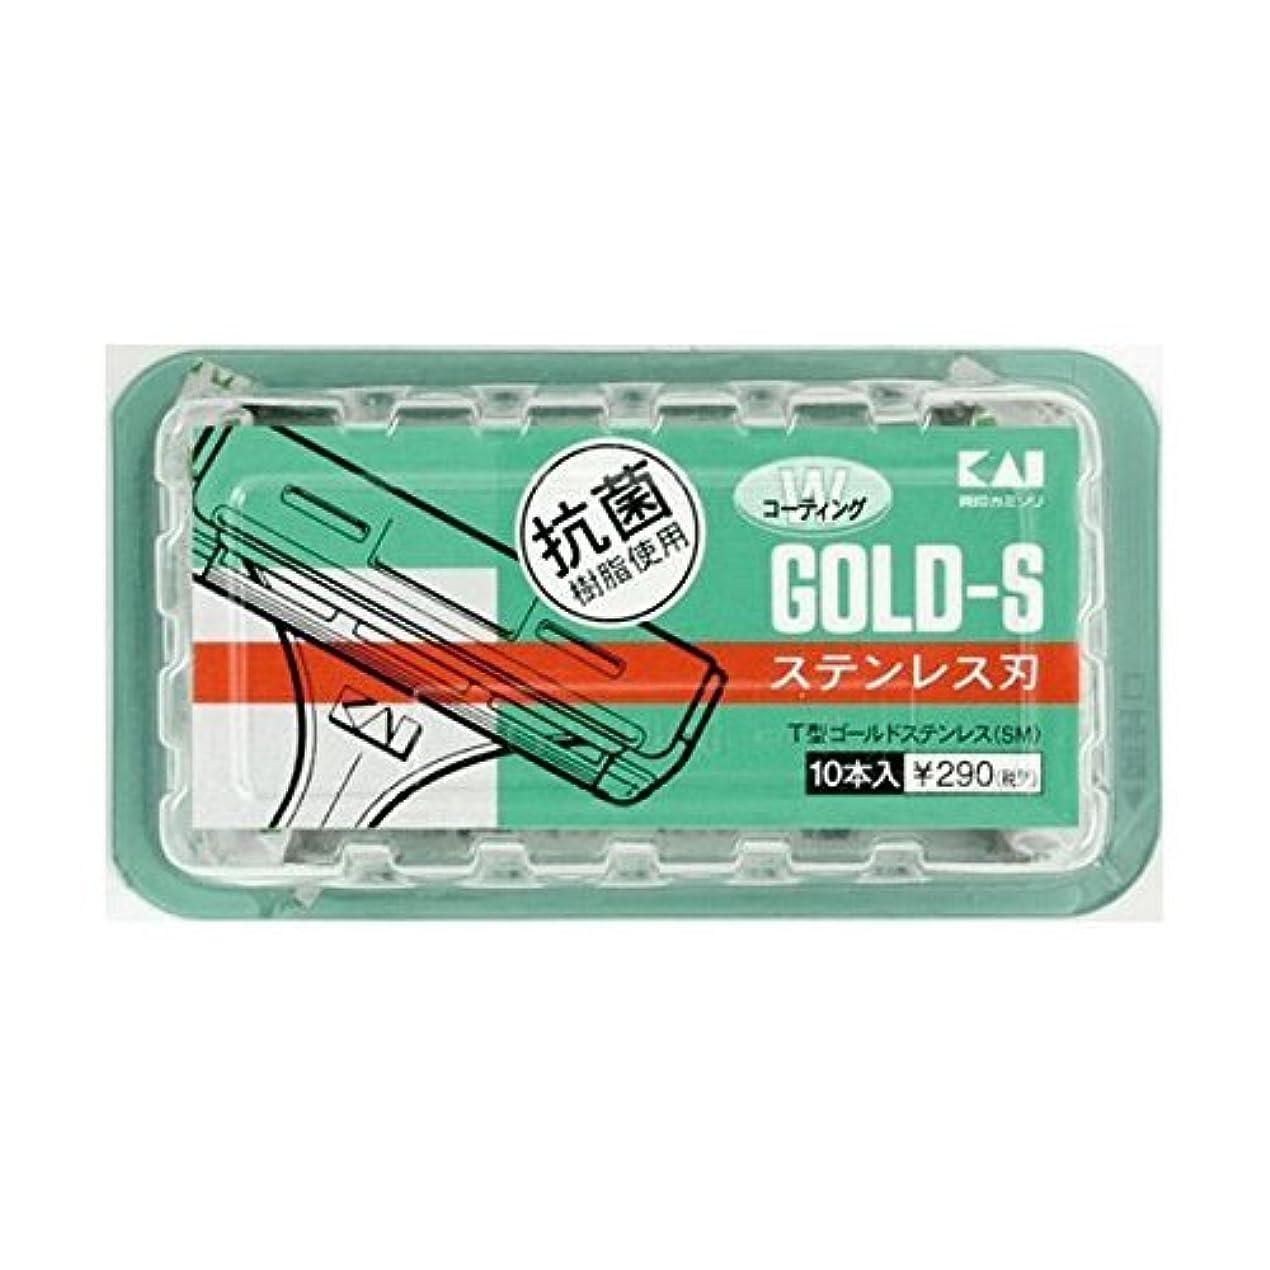 ガジュマル対話放牧する貝印 (業務用20セット) T型ゴールドステンレスSM10本